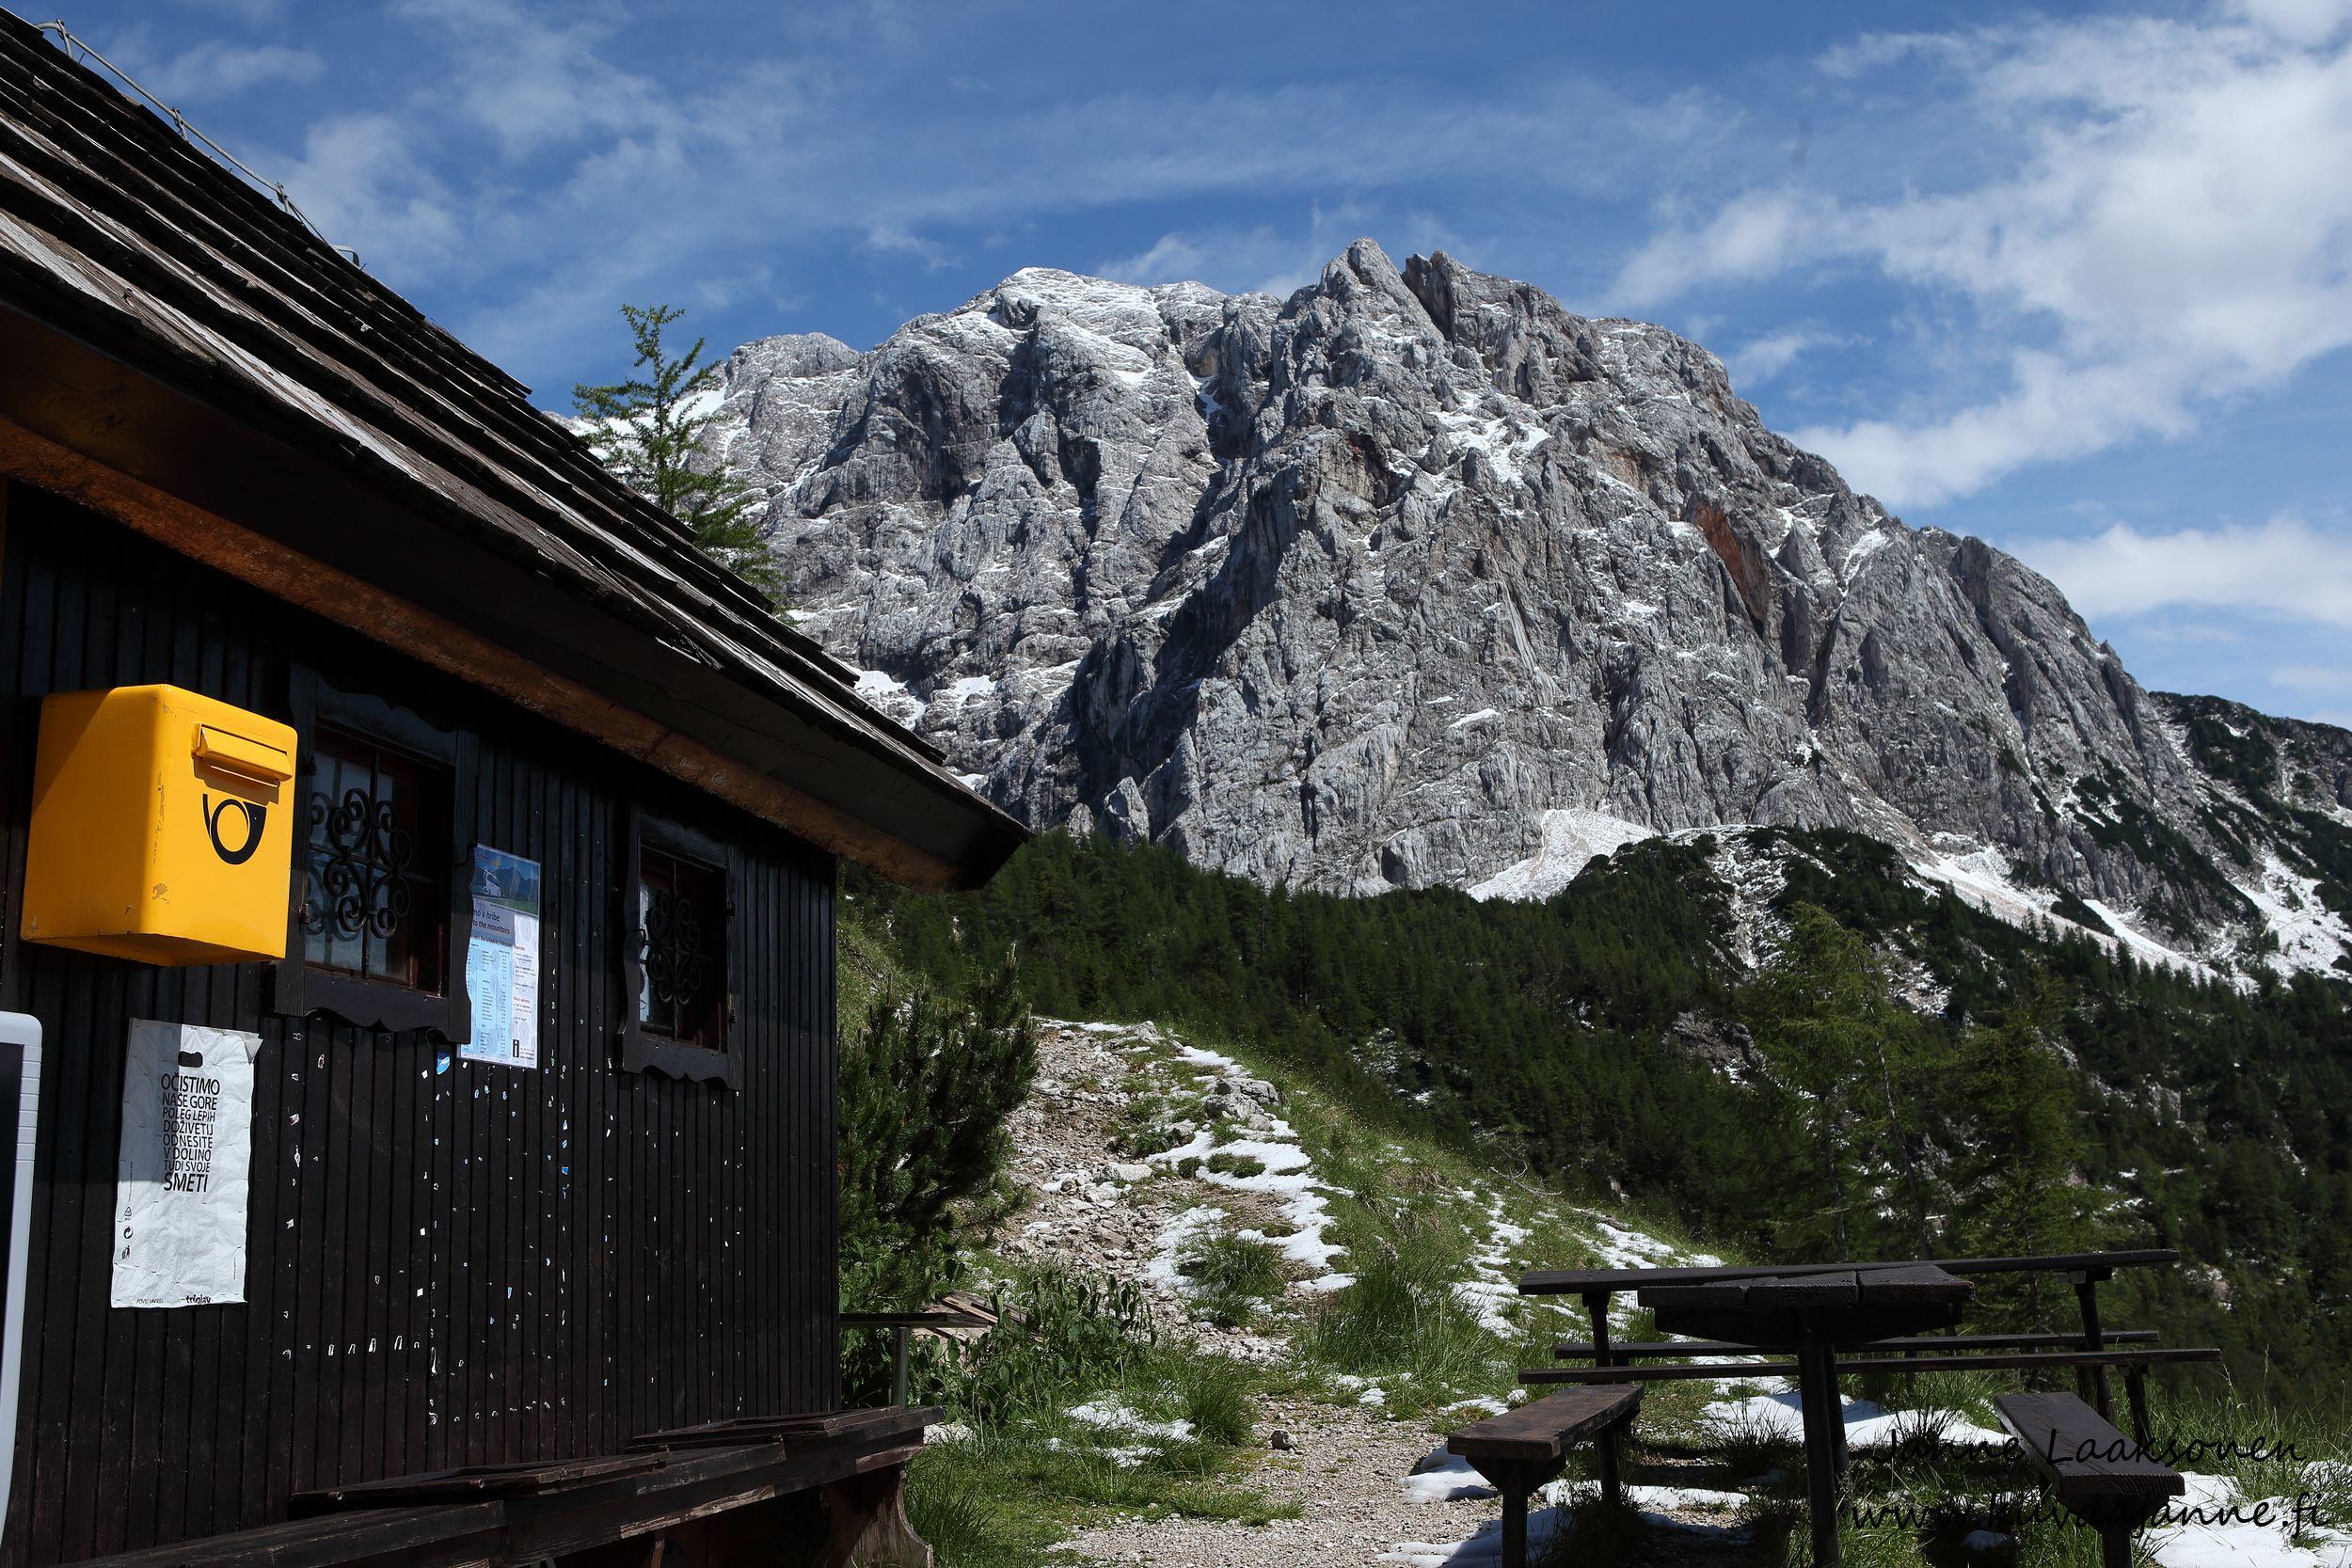 Slovenia, Valokuvaaja Janne Laaksonen, Riihimaki